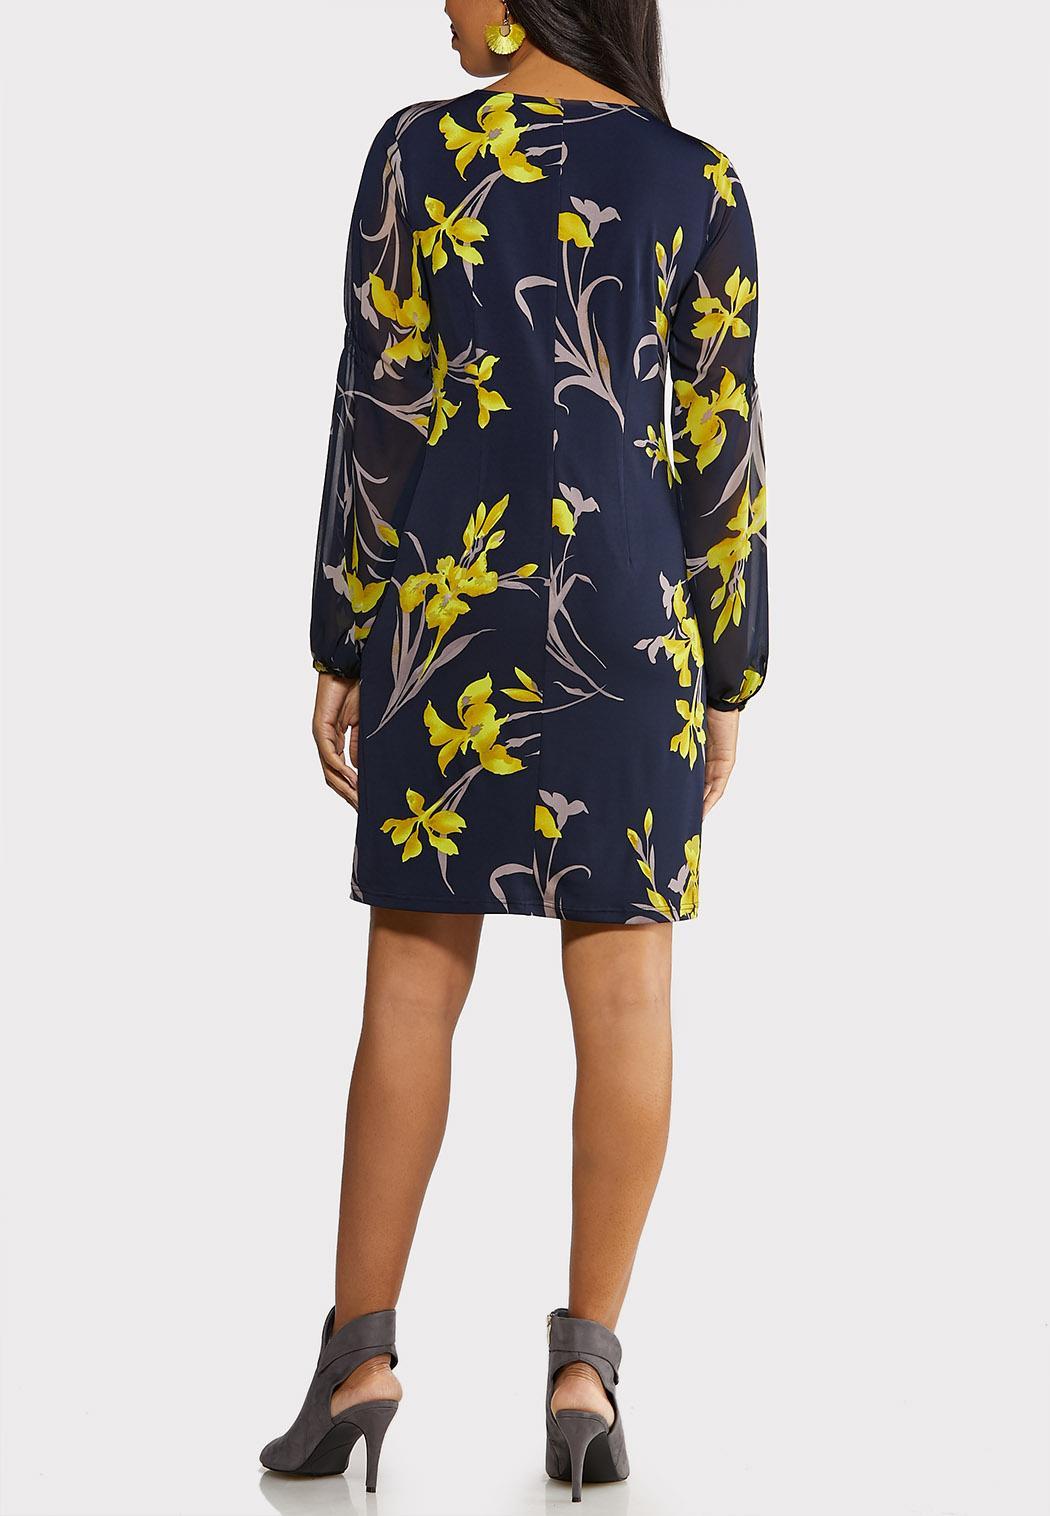 Sheer Sleeve Swing Dress (Item #44110364)